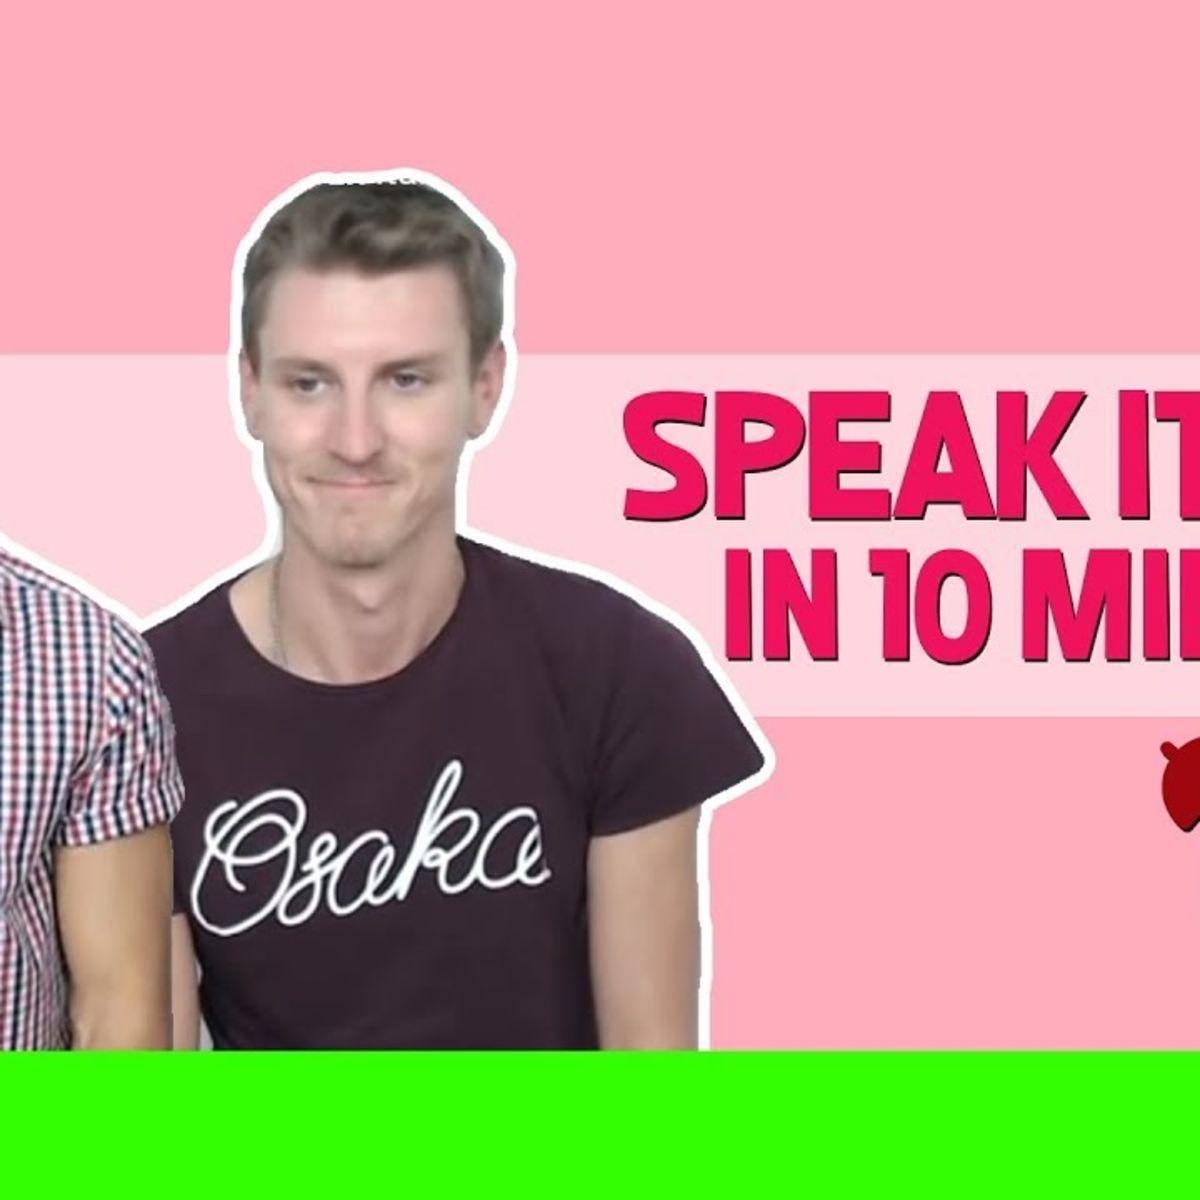 Speak Italian in 10 minutes